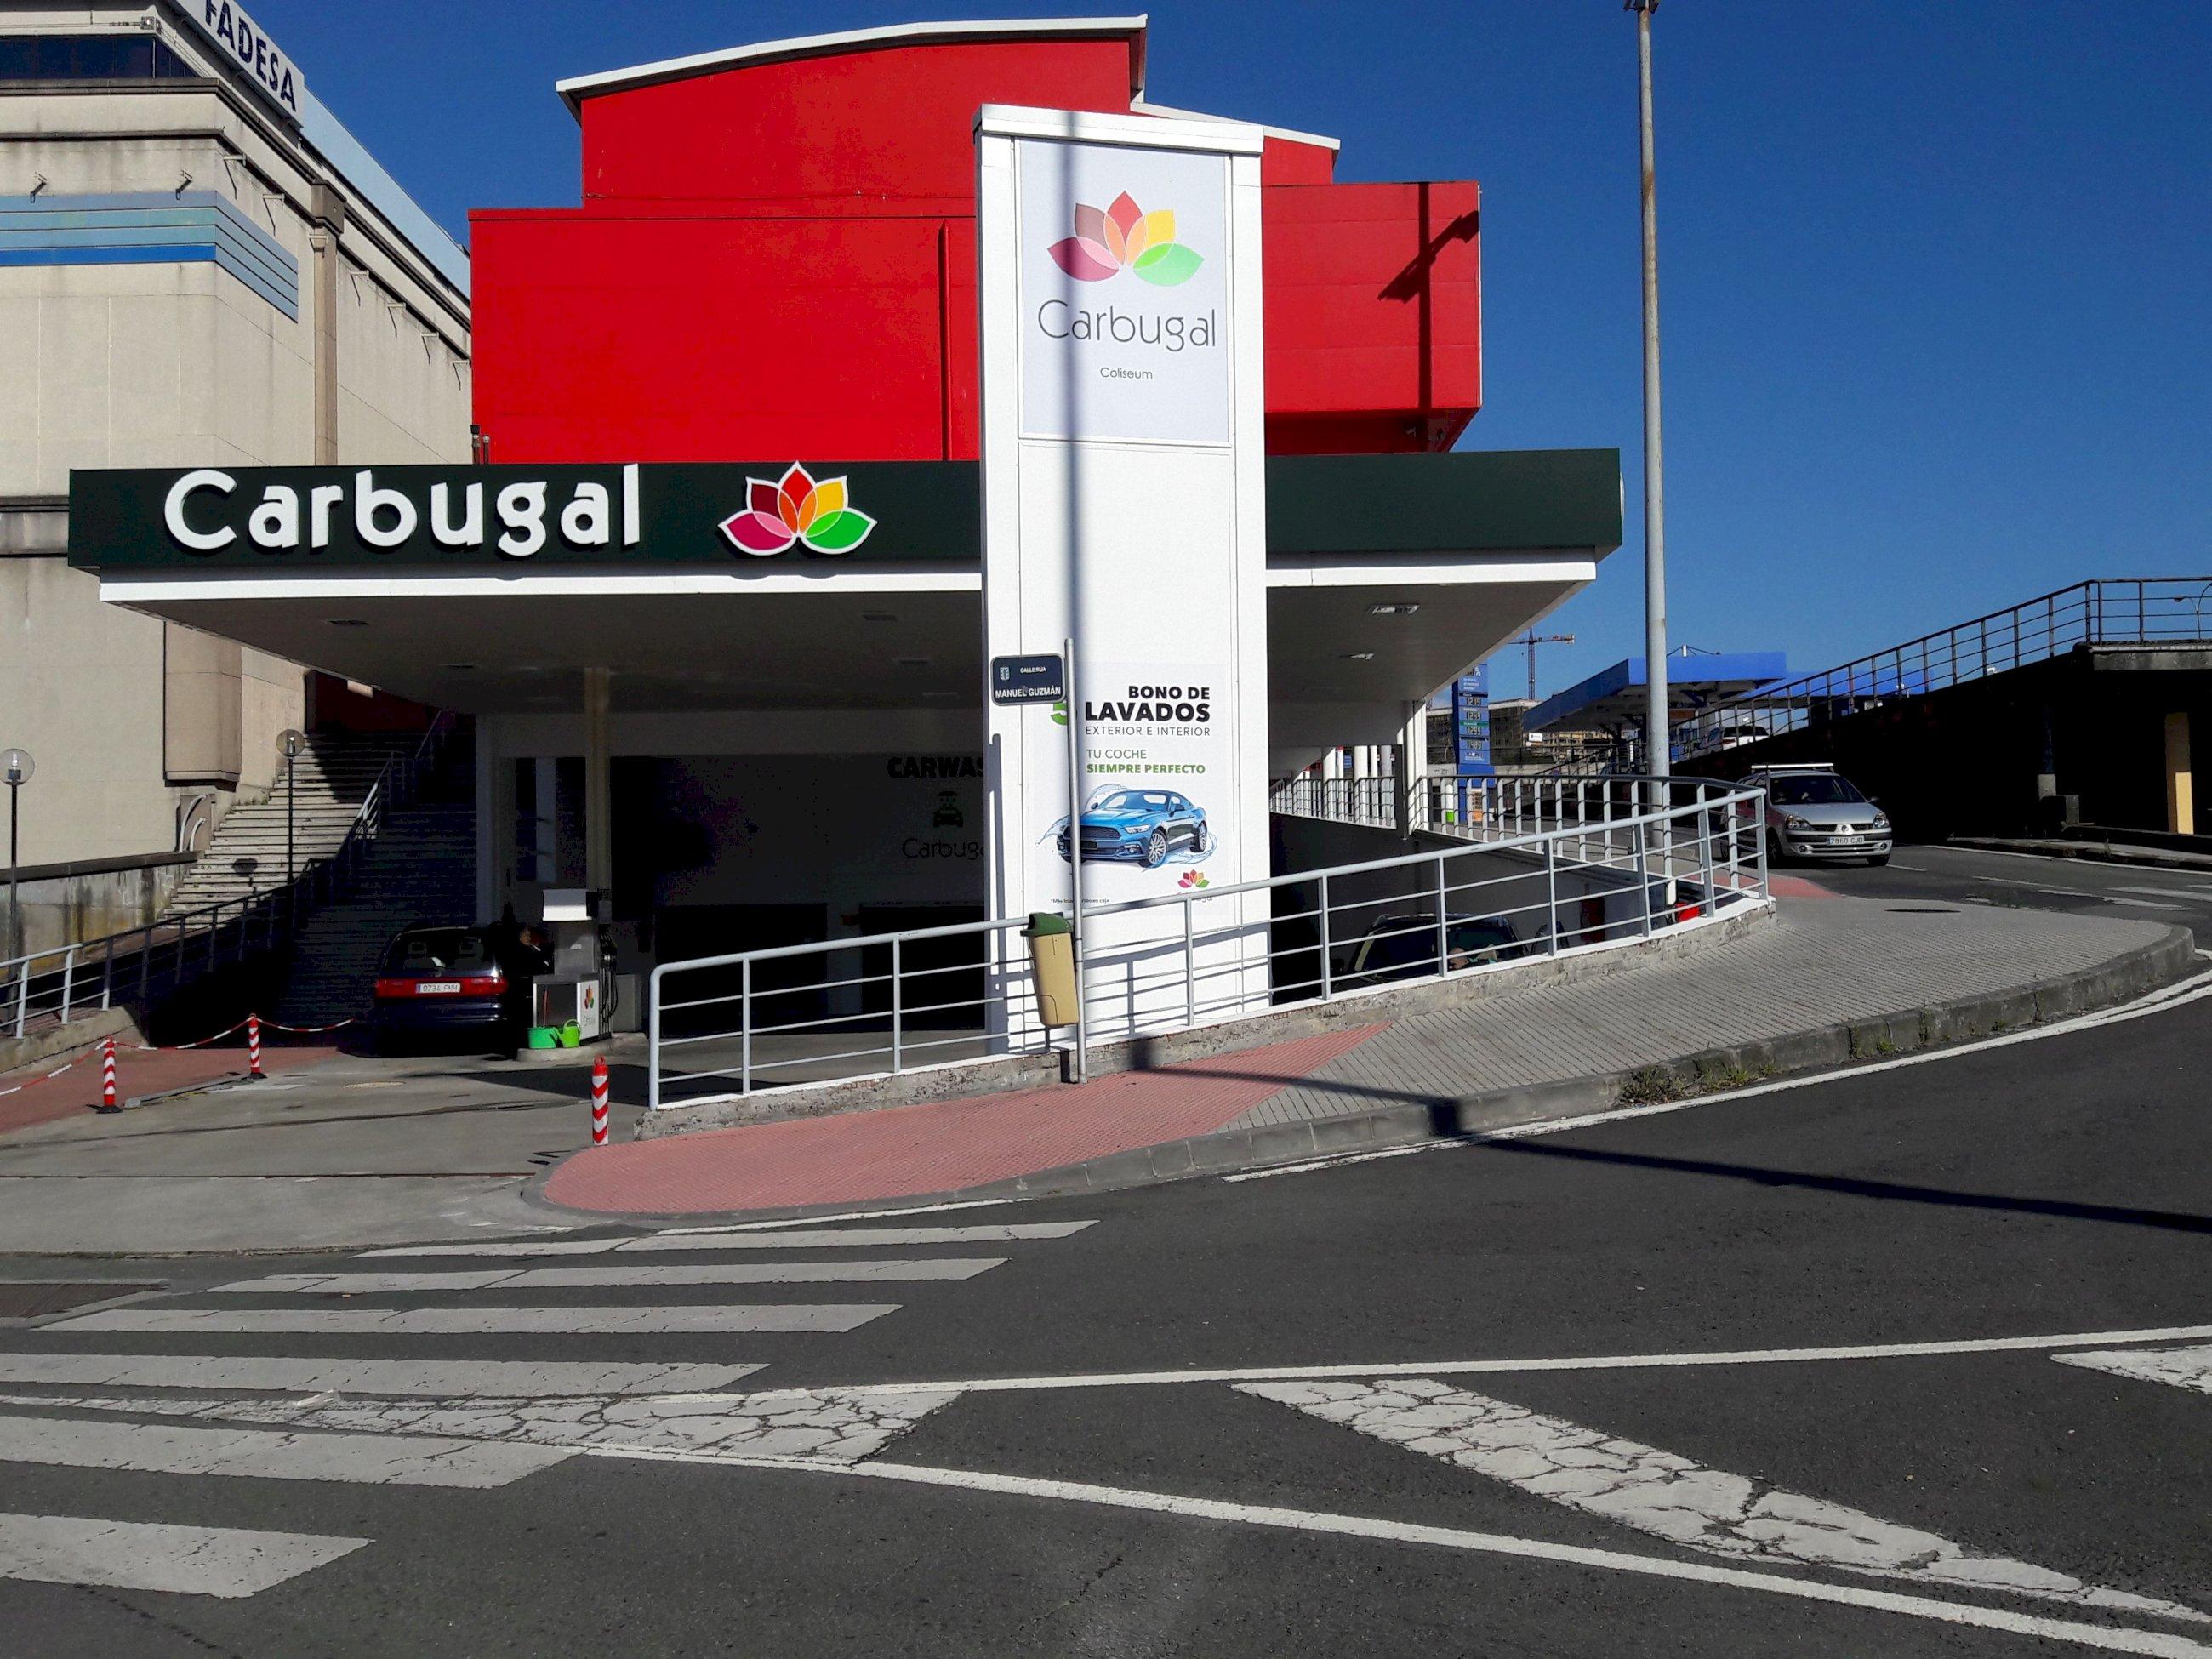 Un socio de Collazo en Carbugal está detrás del derribo de la gasolinera de Carrefour